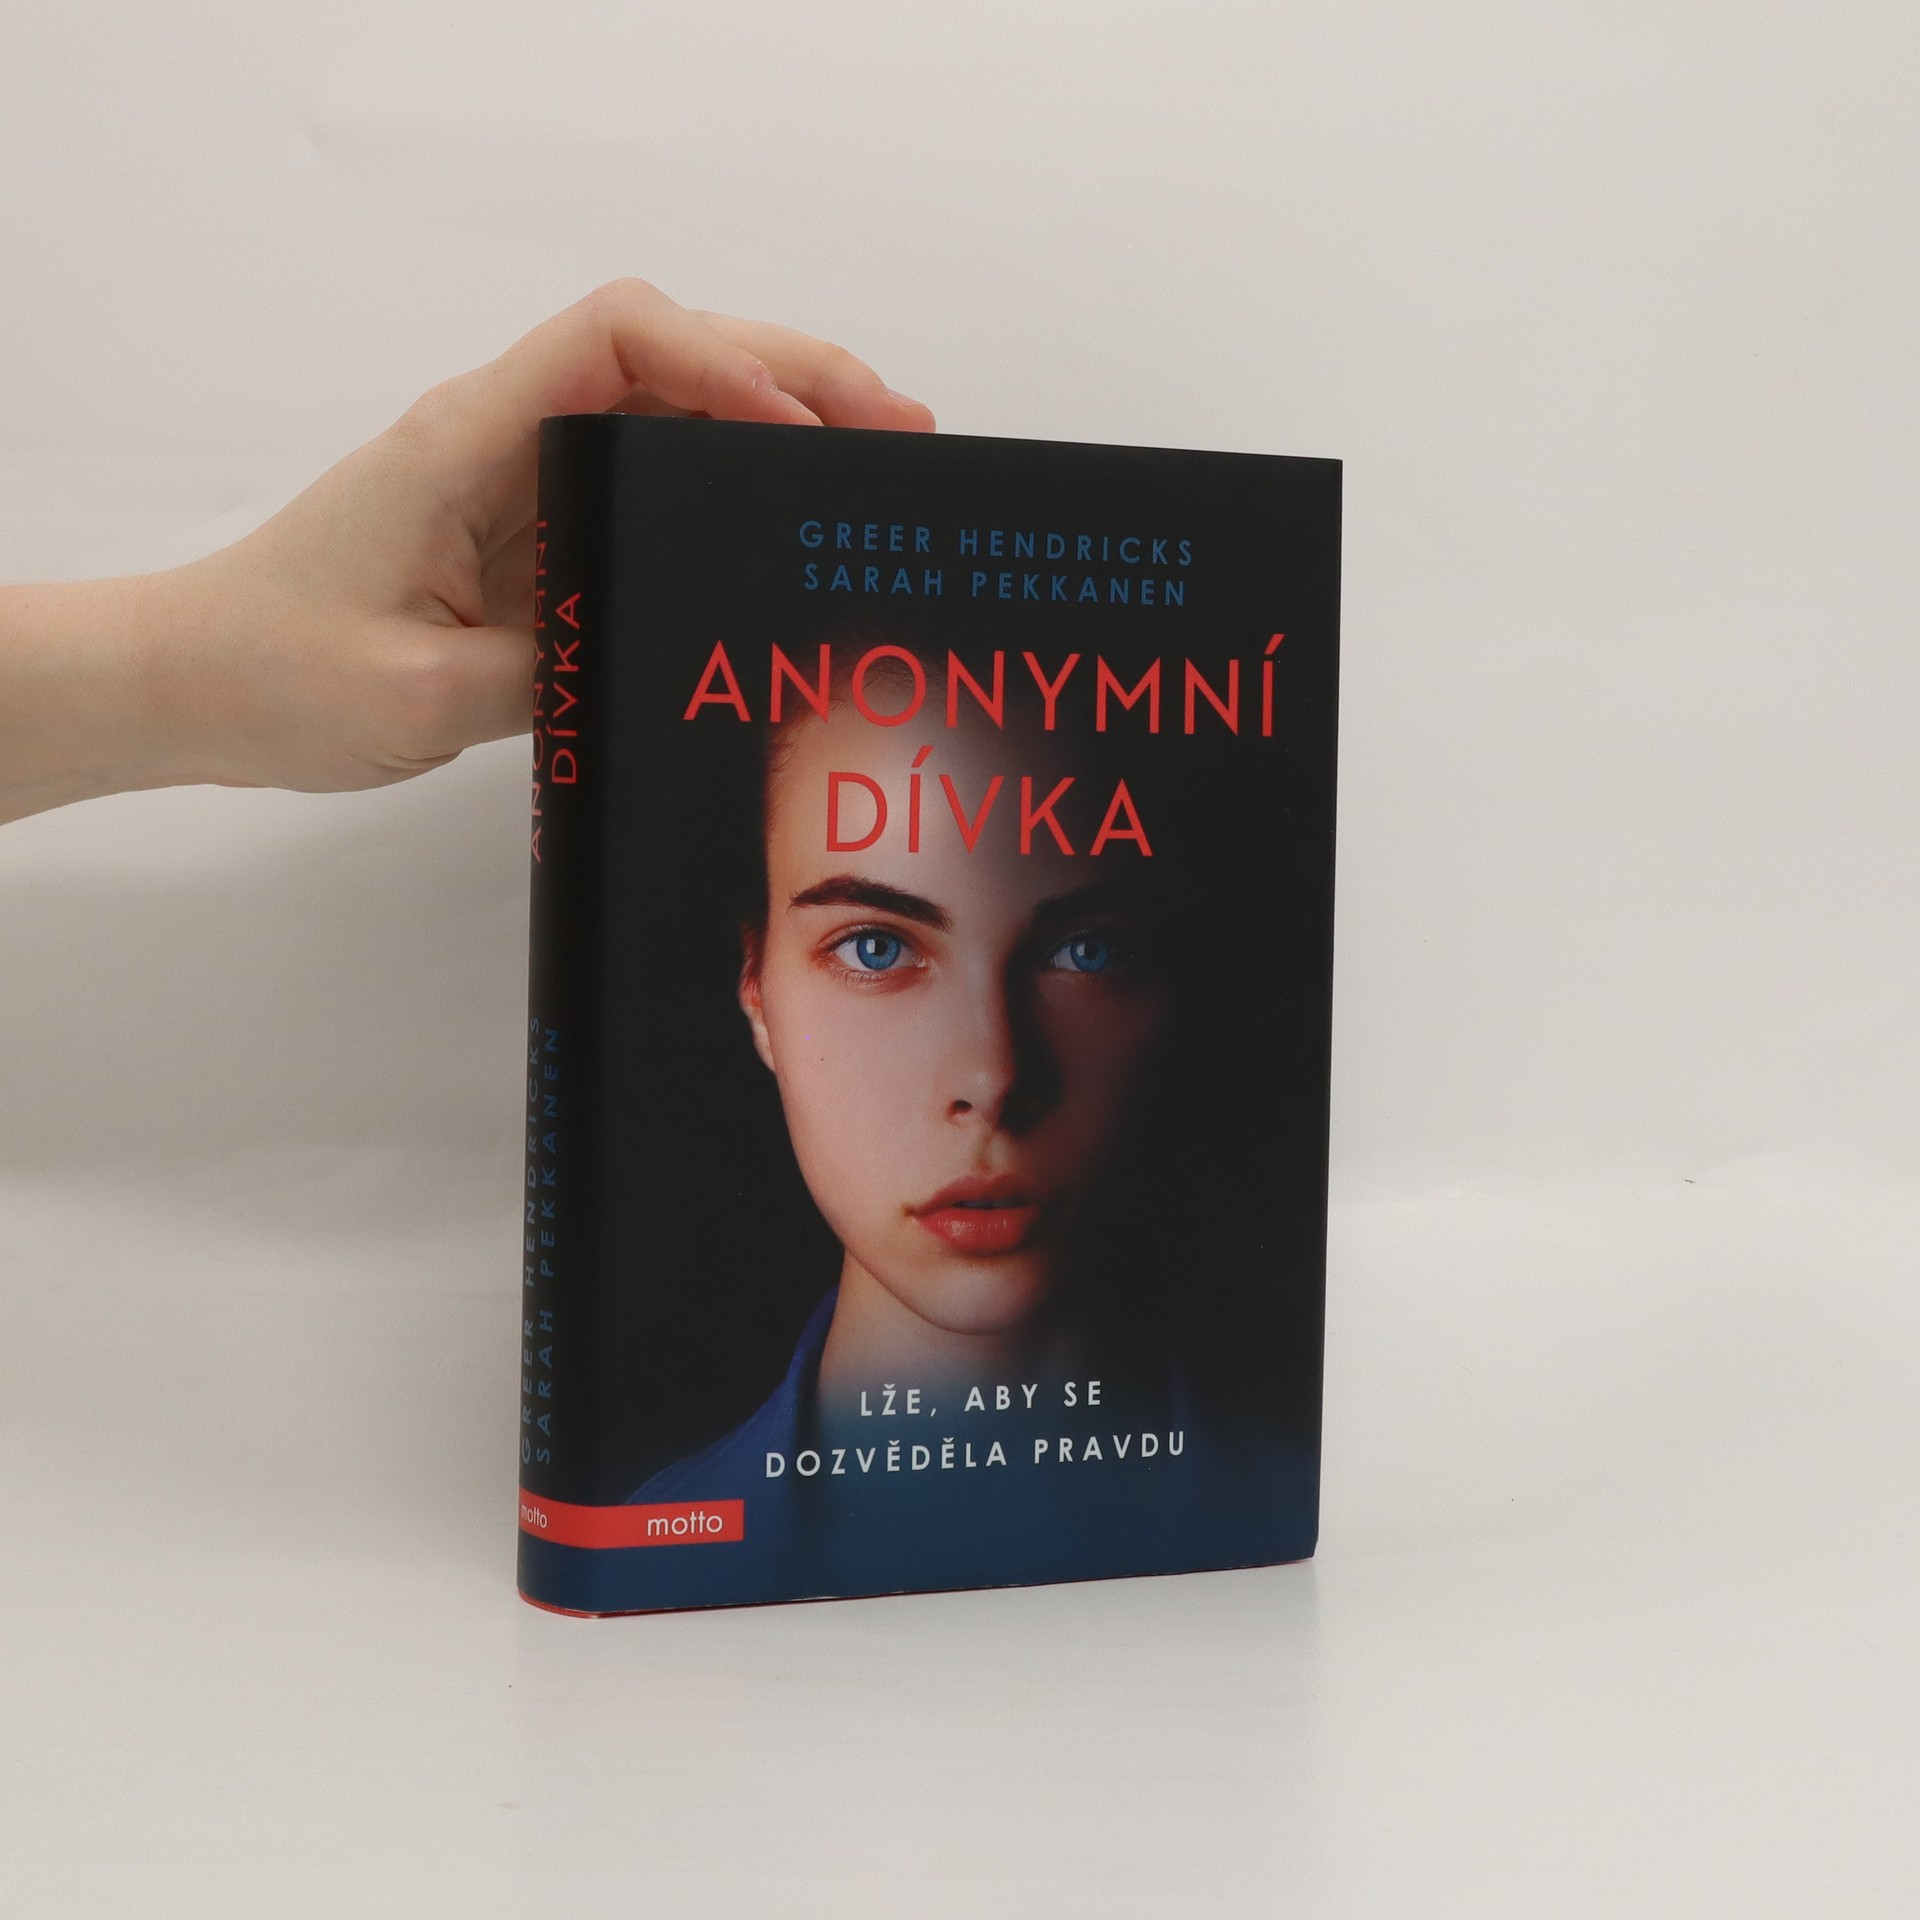 antikvární kniha Anonymní dívka. Lže, aby se dozvěděla pravdu, 2019